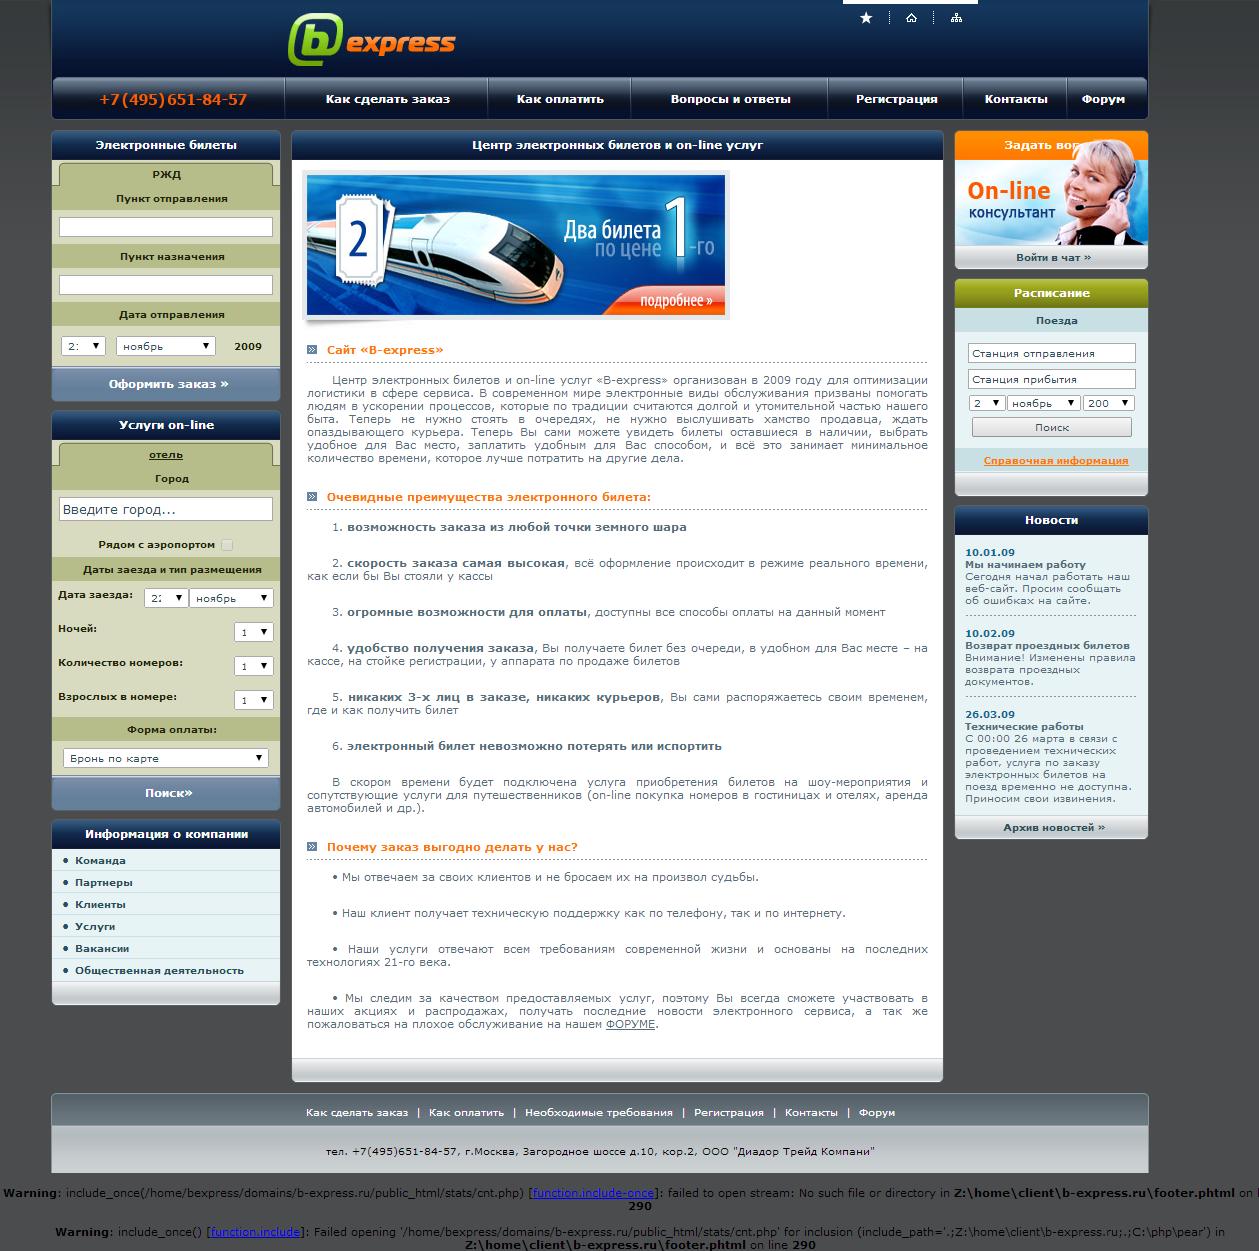 Добавление на сайт формы заказа РЖД и обработки этого заказа